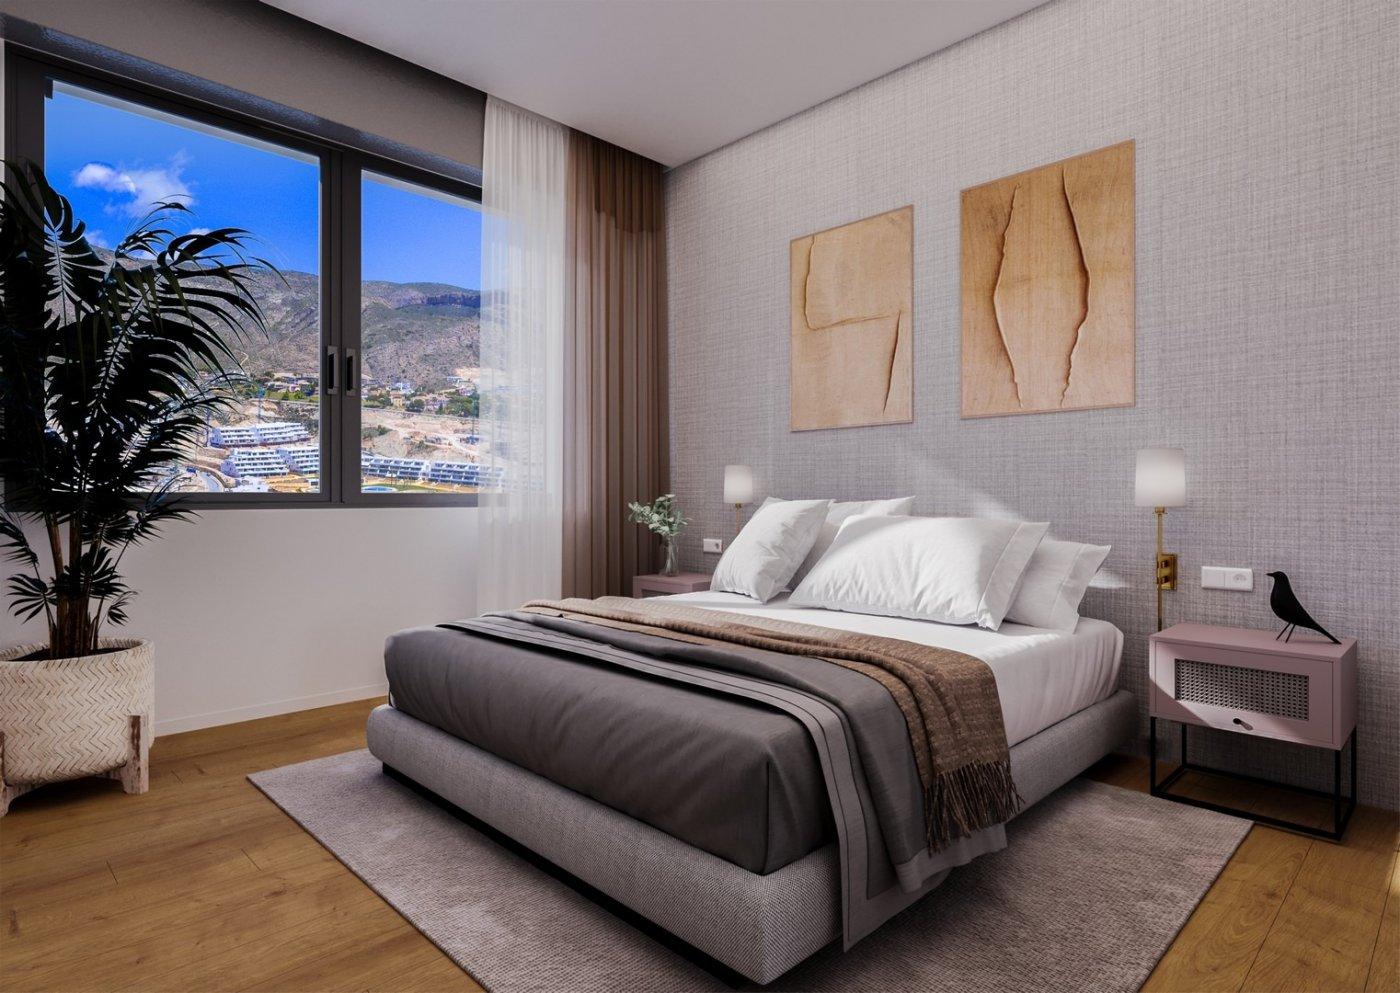 Nuevo complejo residencial en finestrat con vistas al mar!!! - imagenInmueble9